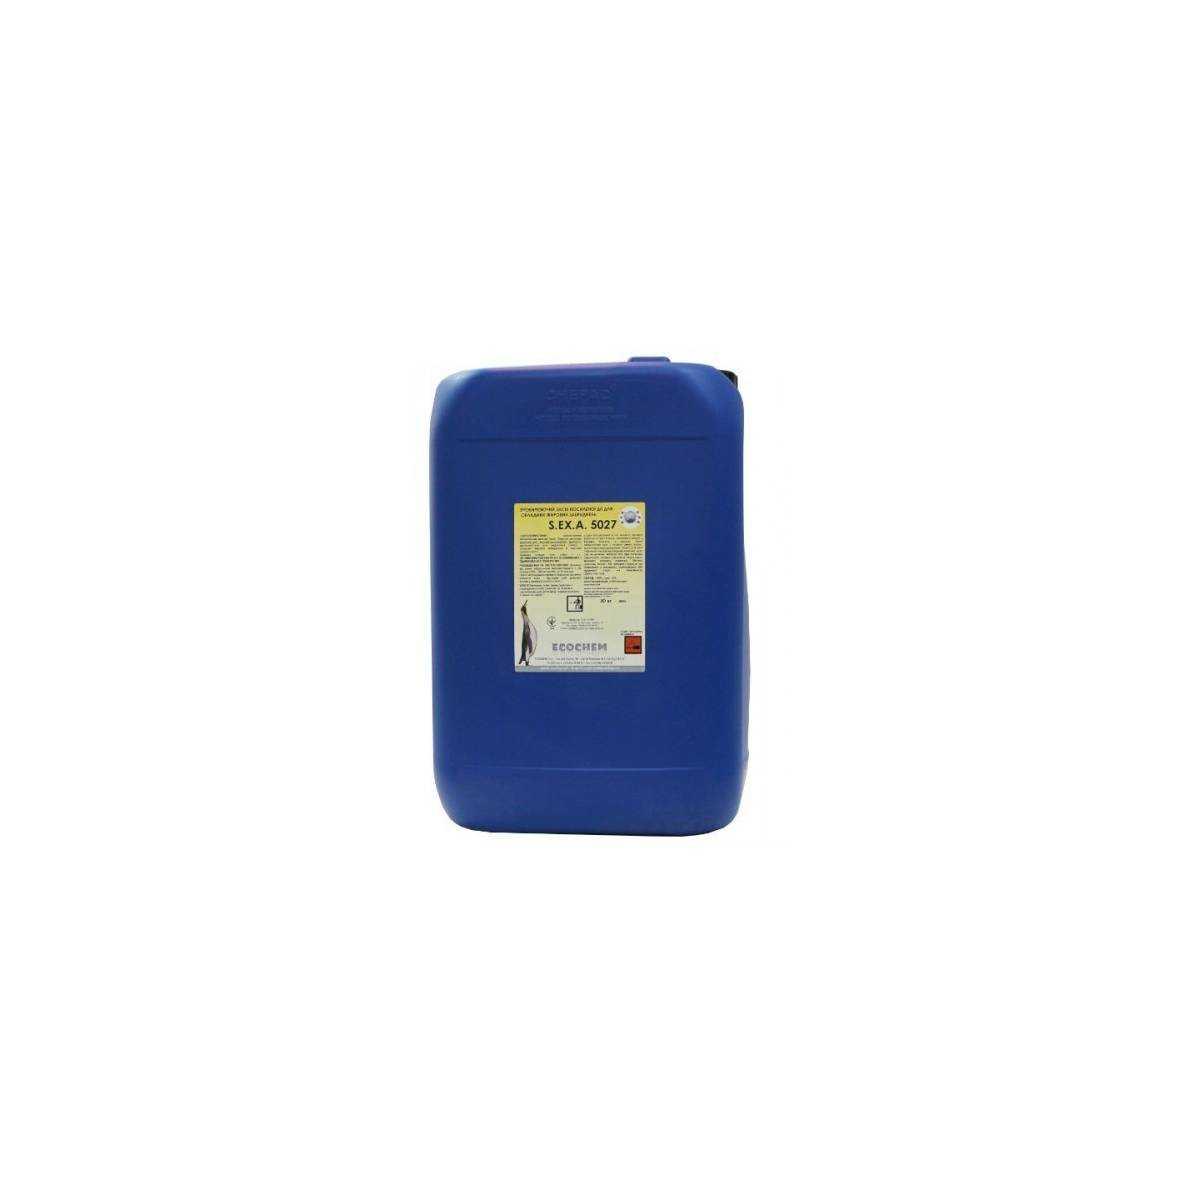 Средство моющее для сложных жировых загрязнений 30кг S.EX.A.5027-30 ECOCHEM